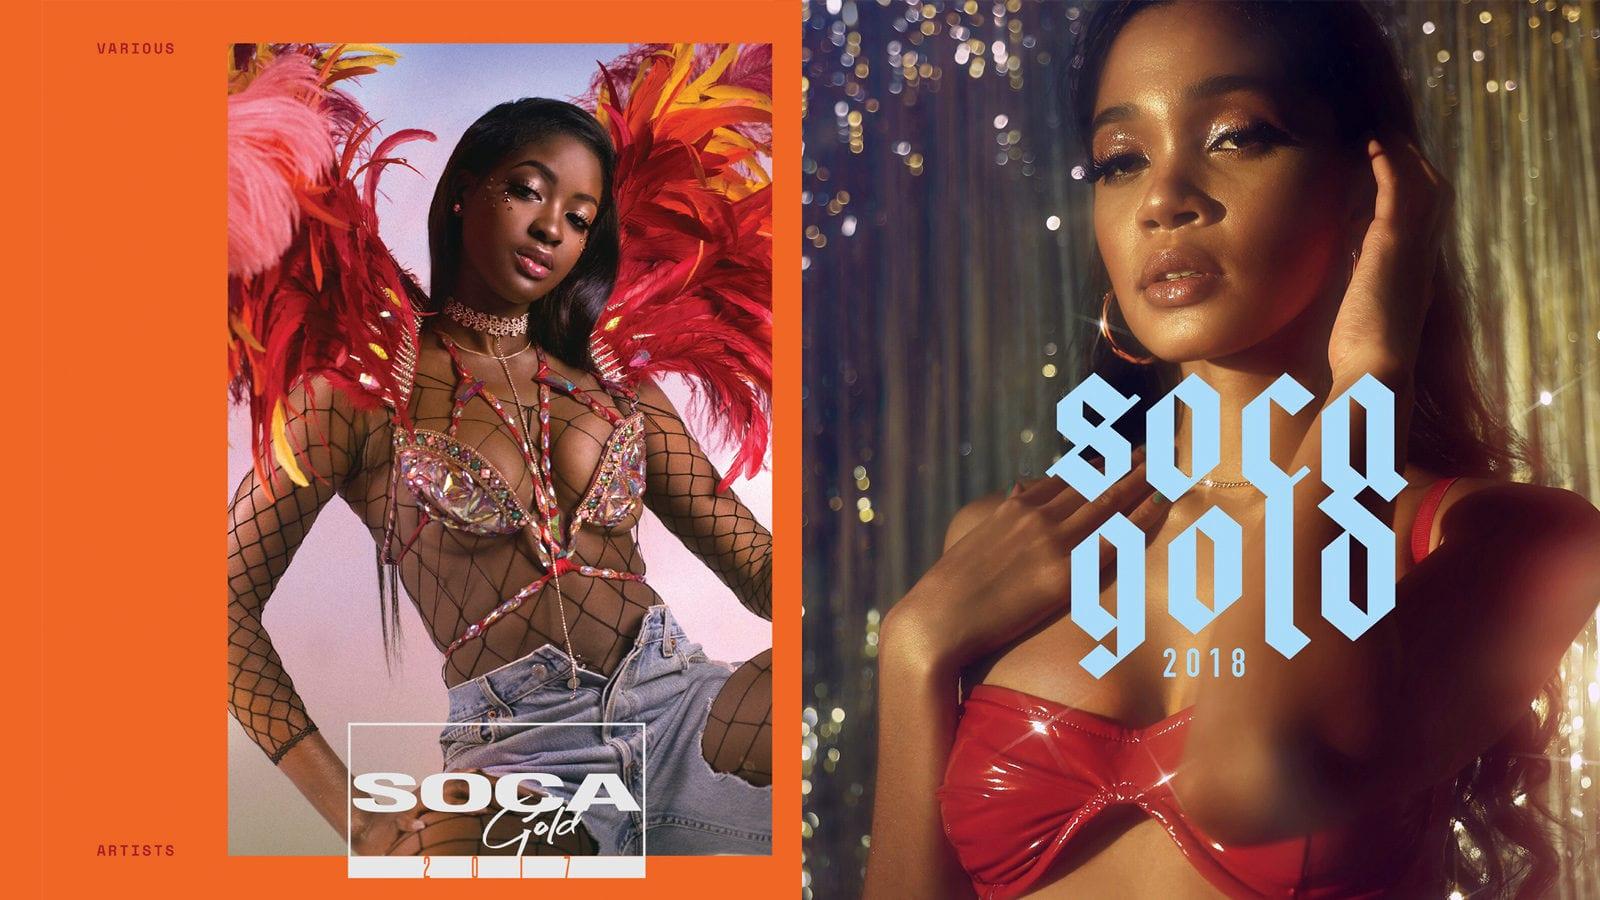 Soca Gold 2017 - 2018